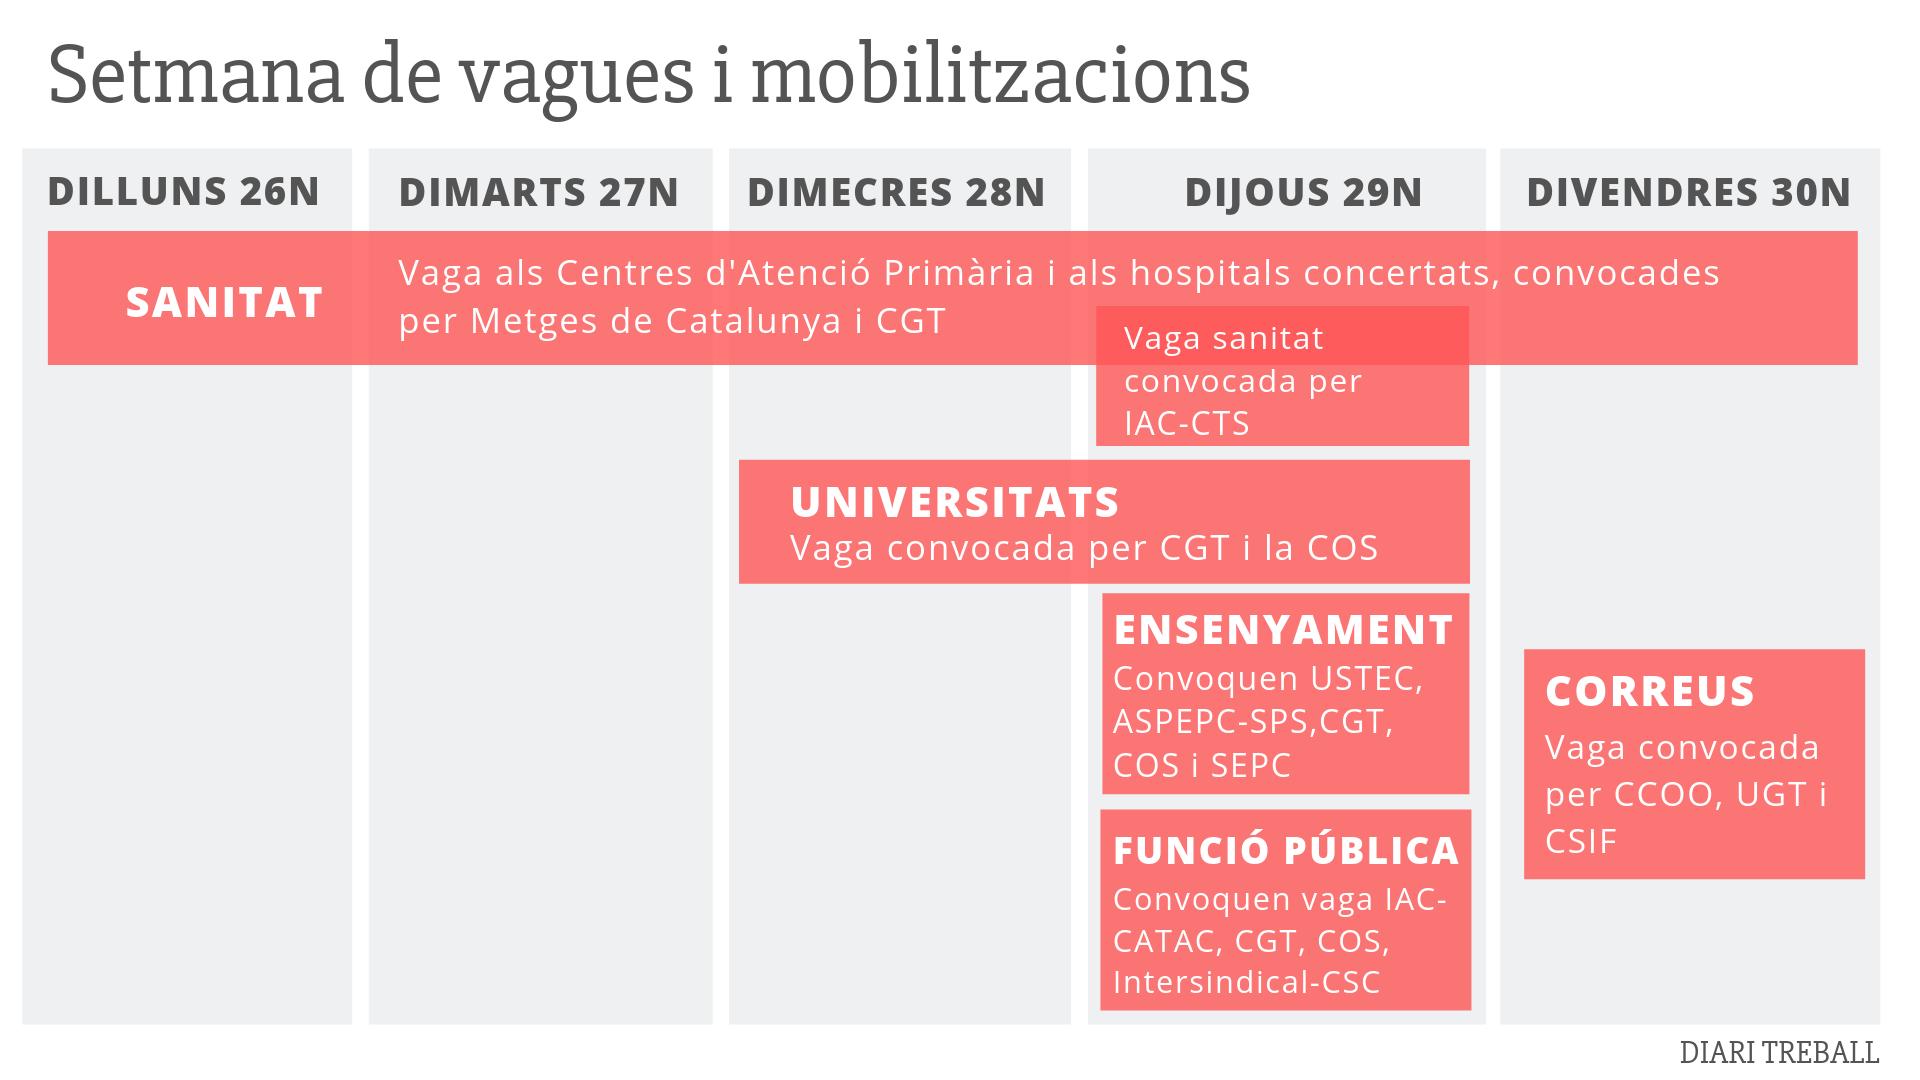 Guia de les vagues de la setmana als serveis públics catalans: per què, quan i qui es mobilitza?